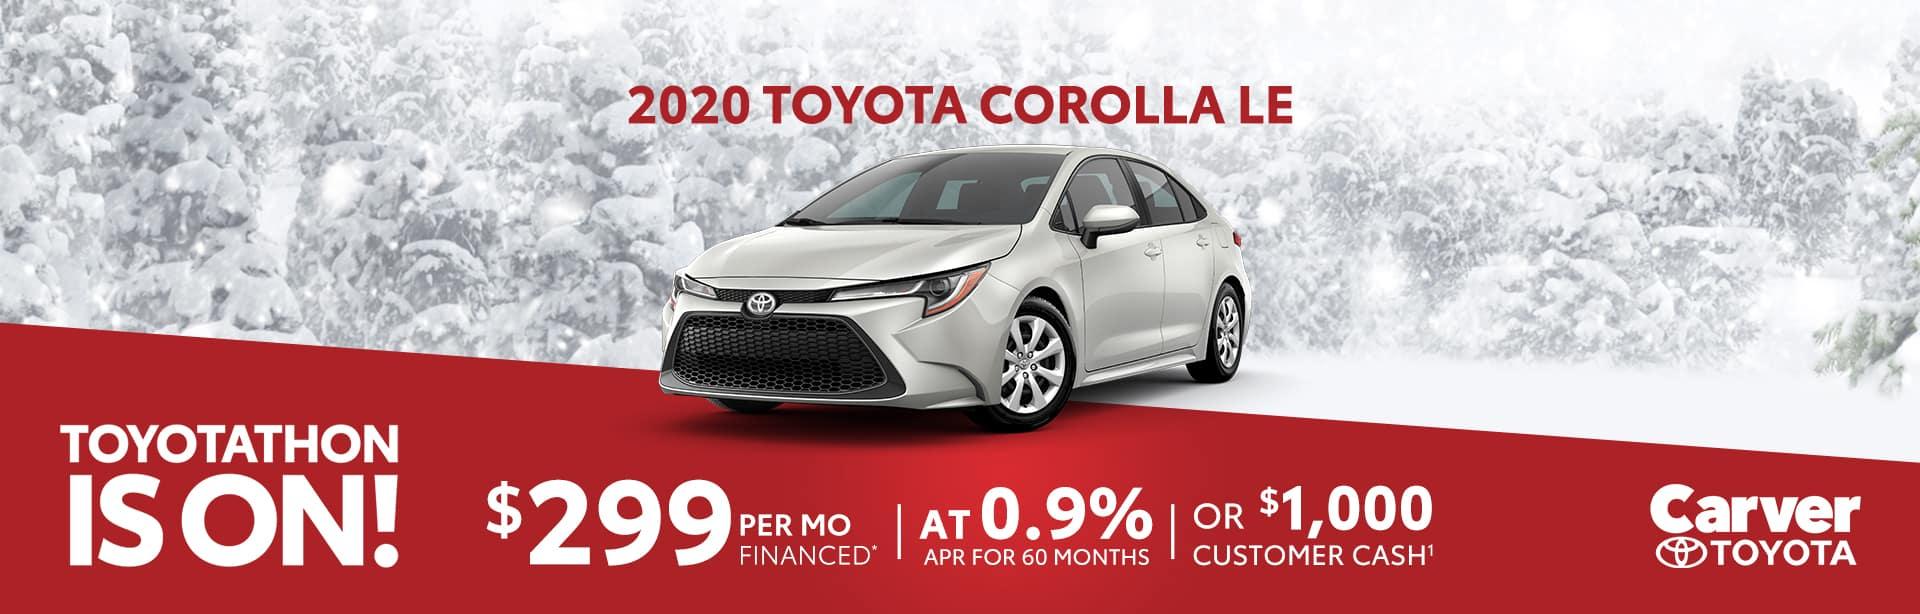 Finance a 2020 Corolla at 0.9% near Edinburgh, Indiana